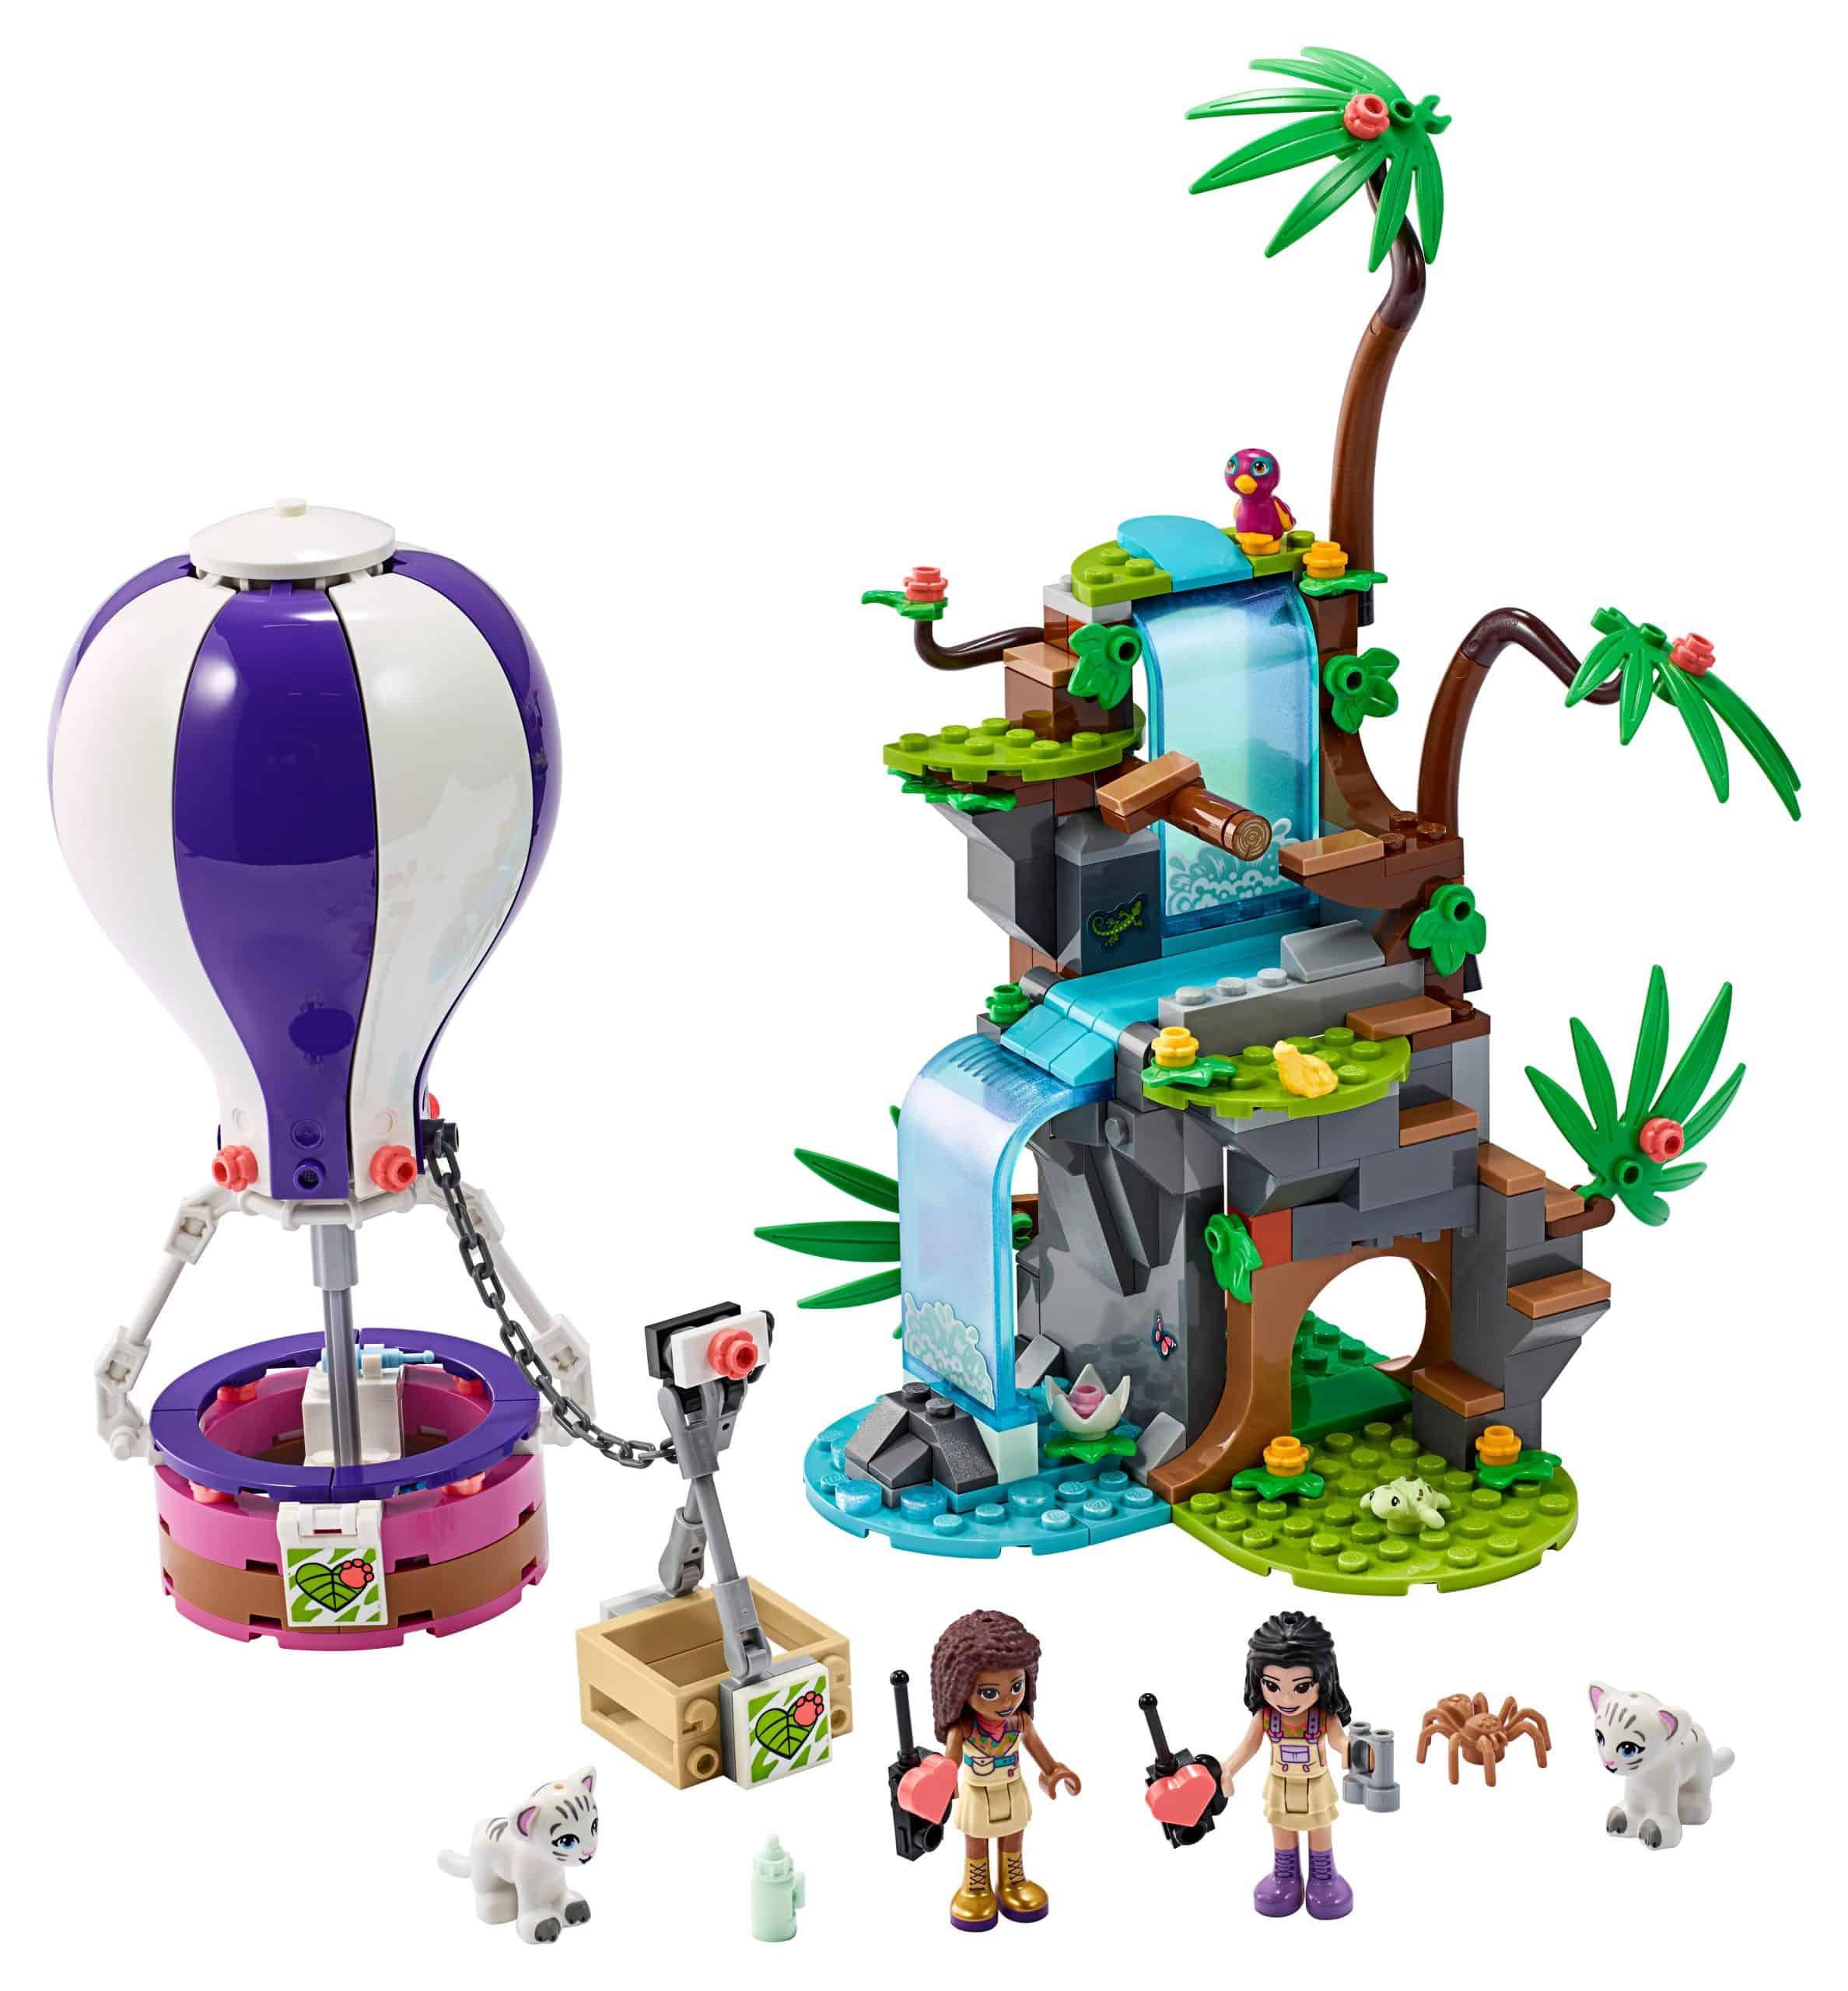 lego tijger reddingsactie met luchtballon in jungle 41423 scaled